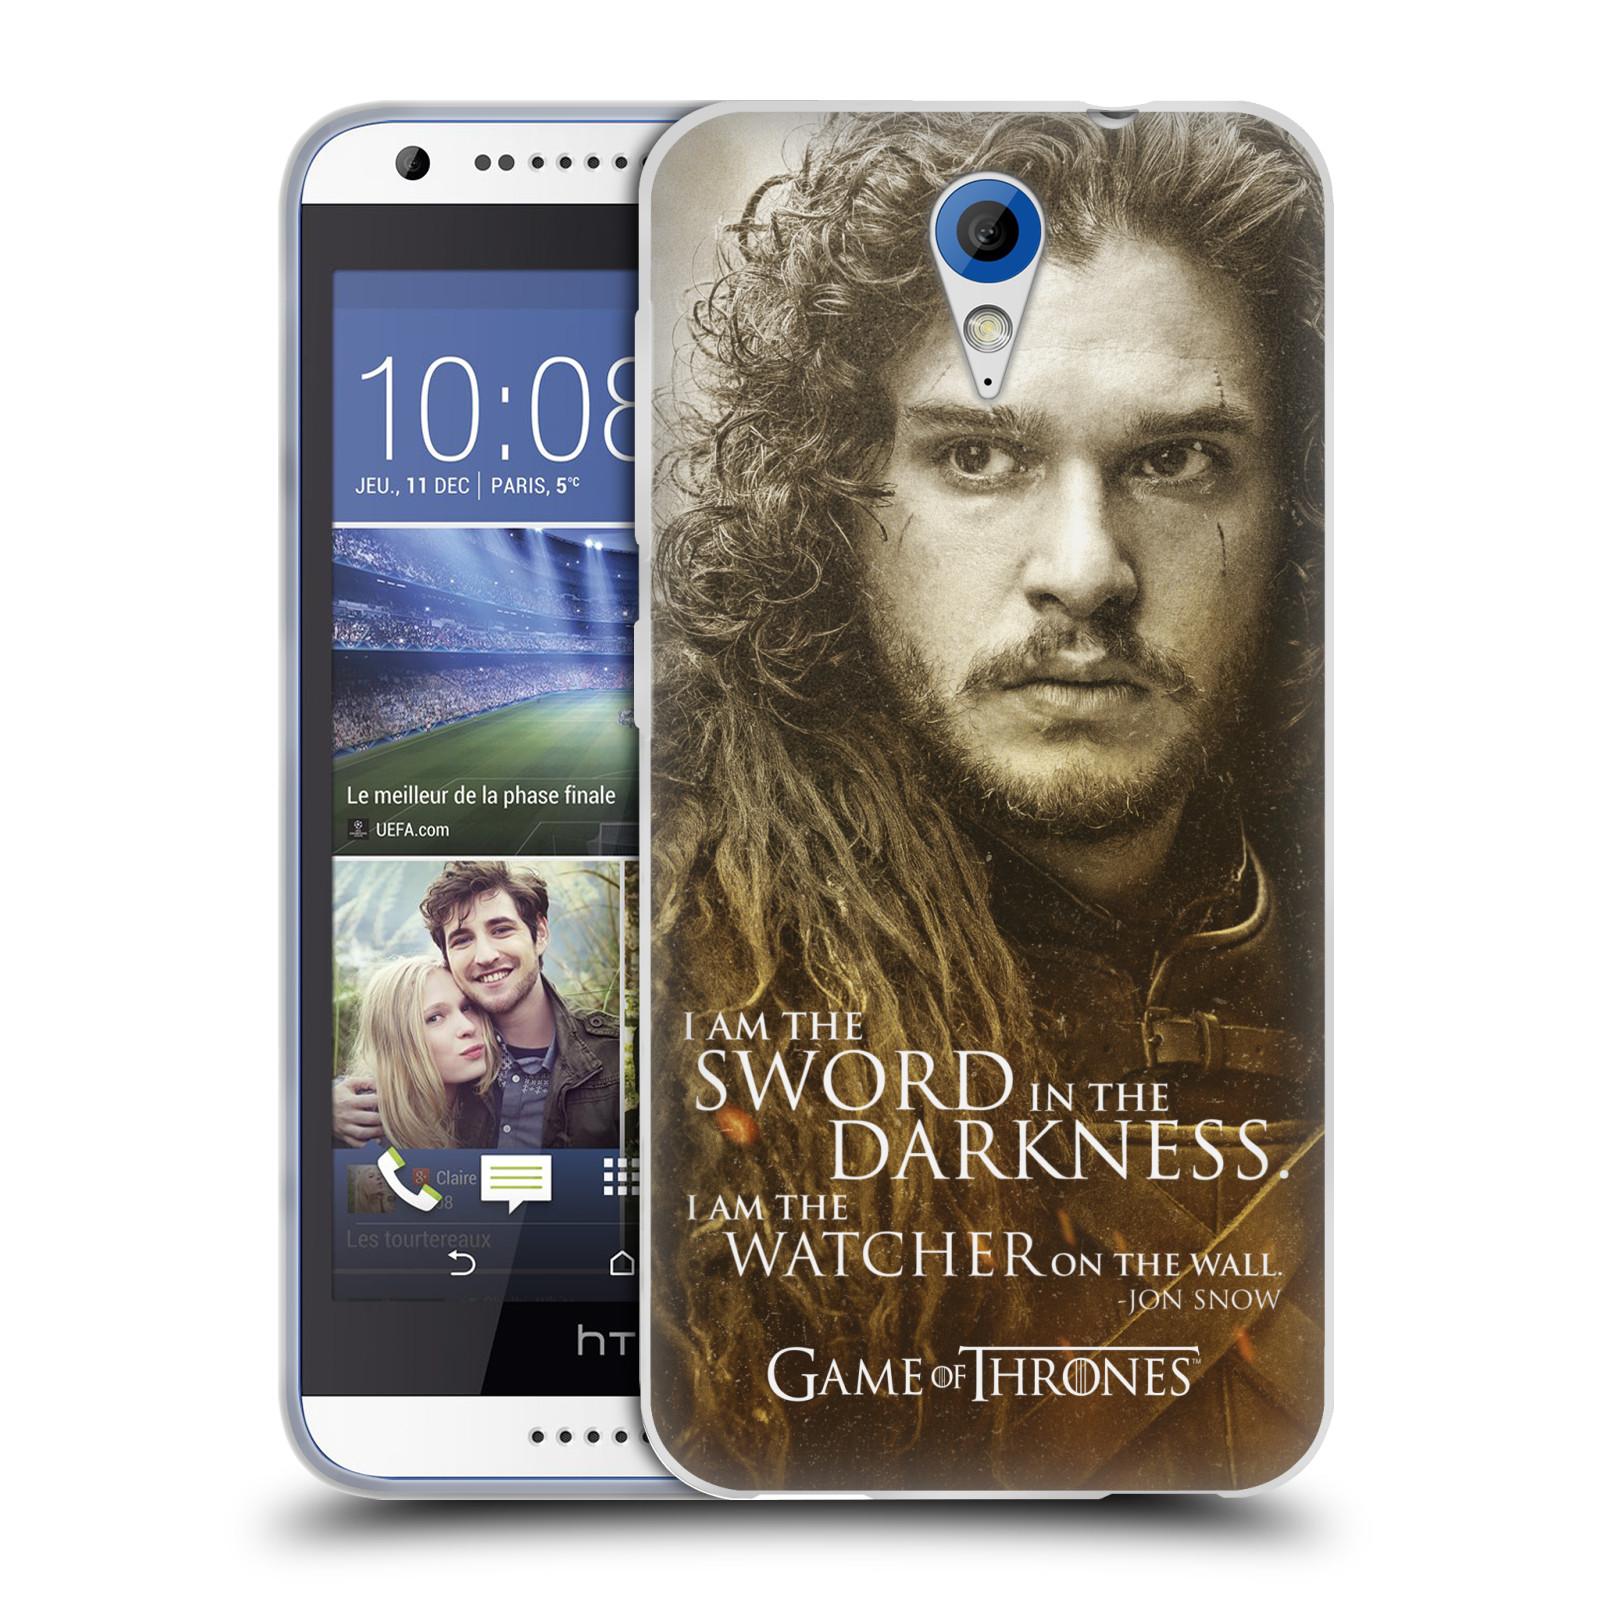 Silikonové pouzdro na mobil HTC Desire 620 HEAD CASE Hra o trůny - Jon Snow (Silikonový kryt či obal na mobilní telefon s licencovaným motivem Hra o trůny - Game Of Thrones pro HTC Desire 620)